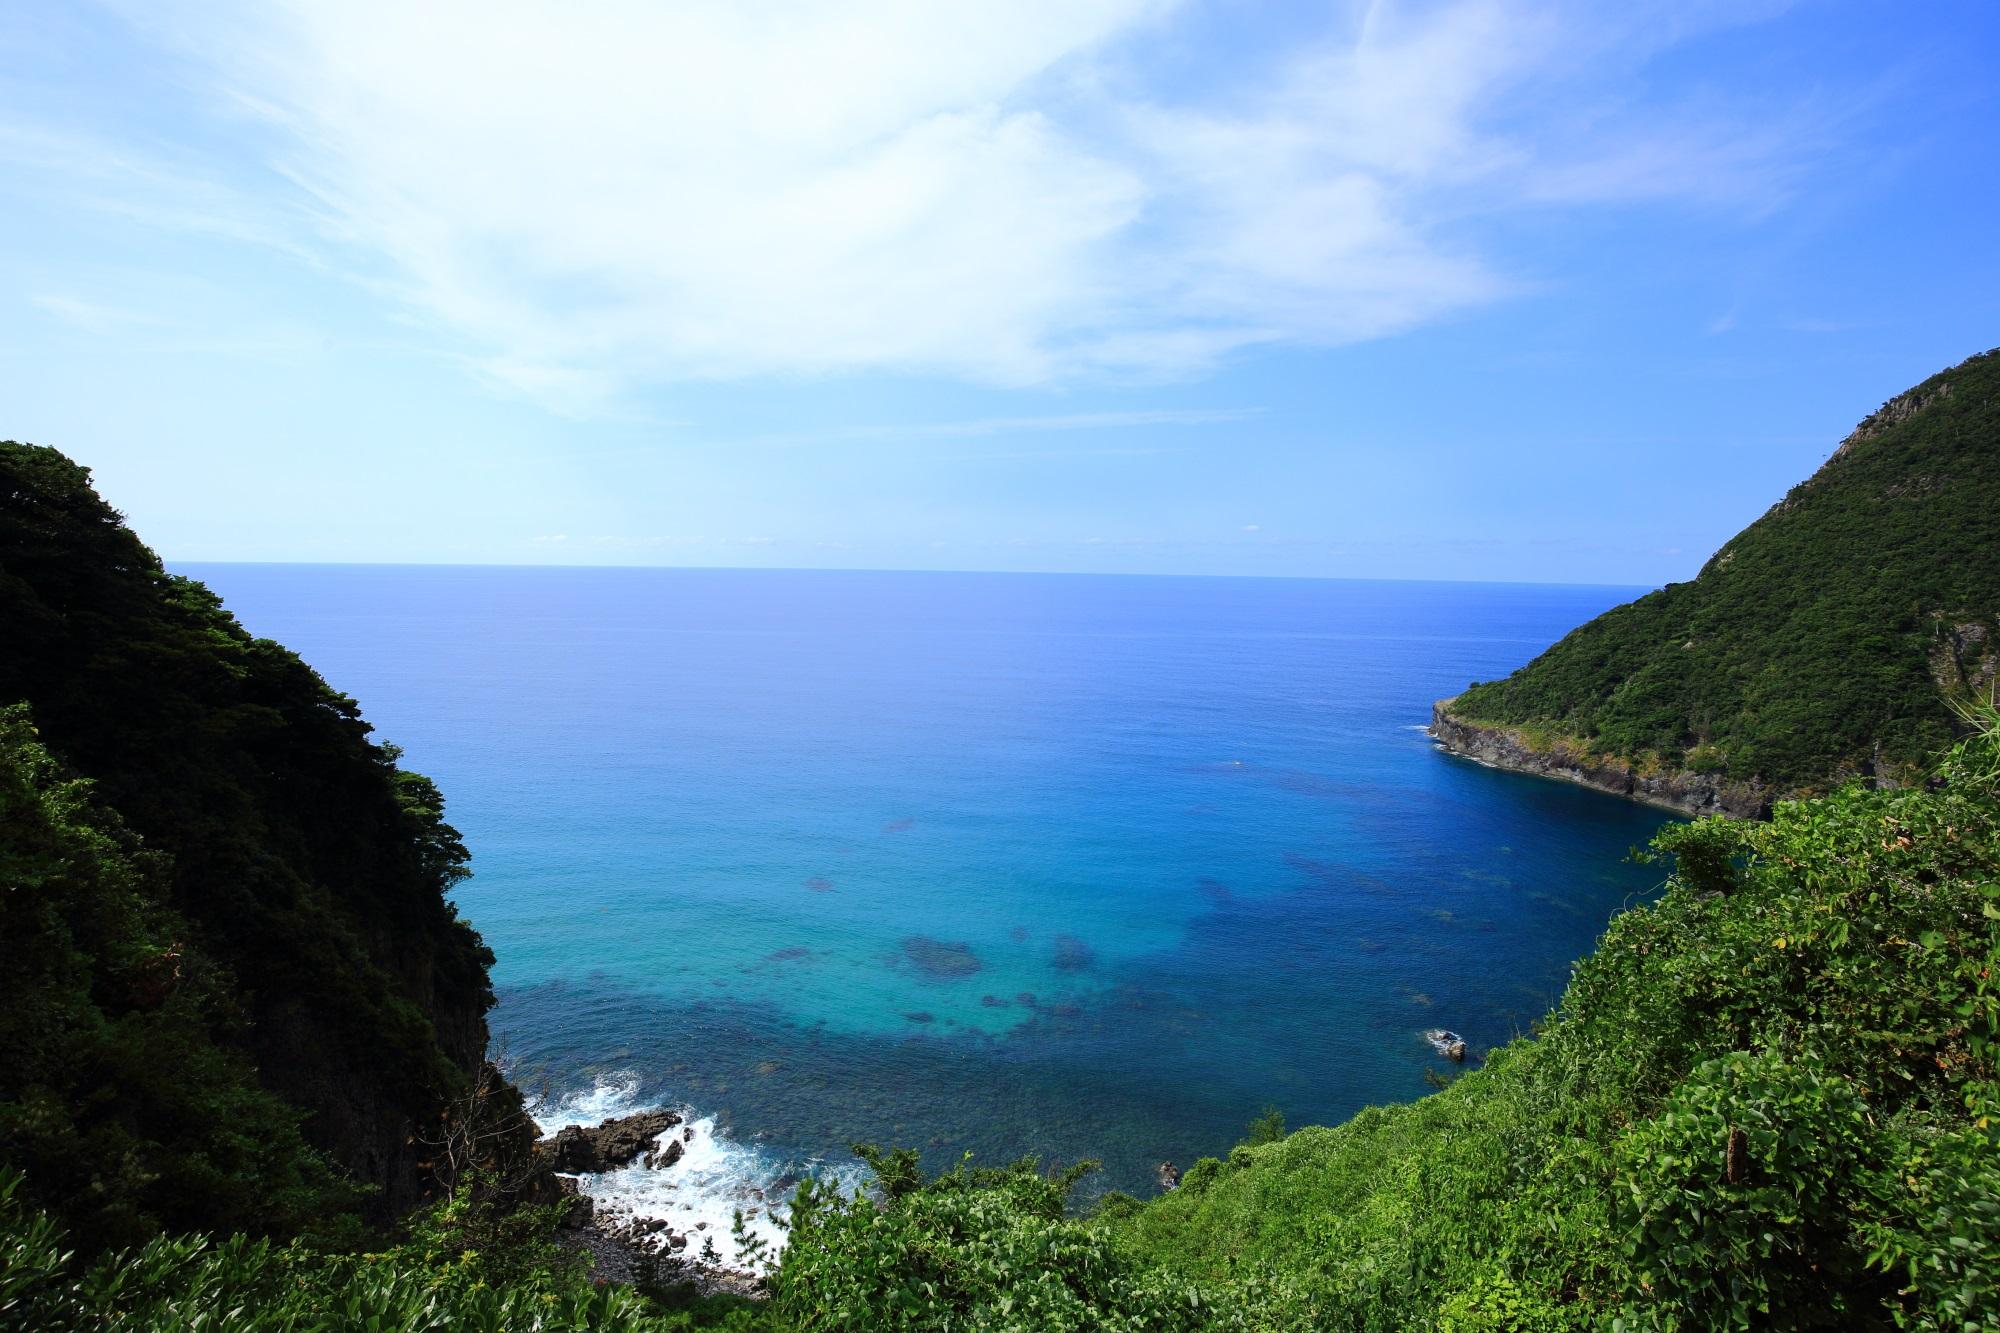 歩いていると突然やってくる京丹後の犬ヶ岬の絶景